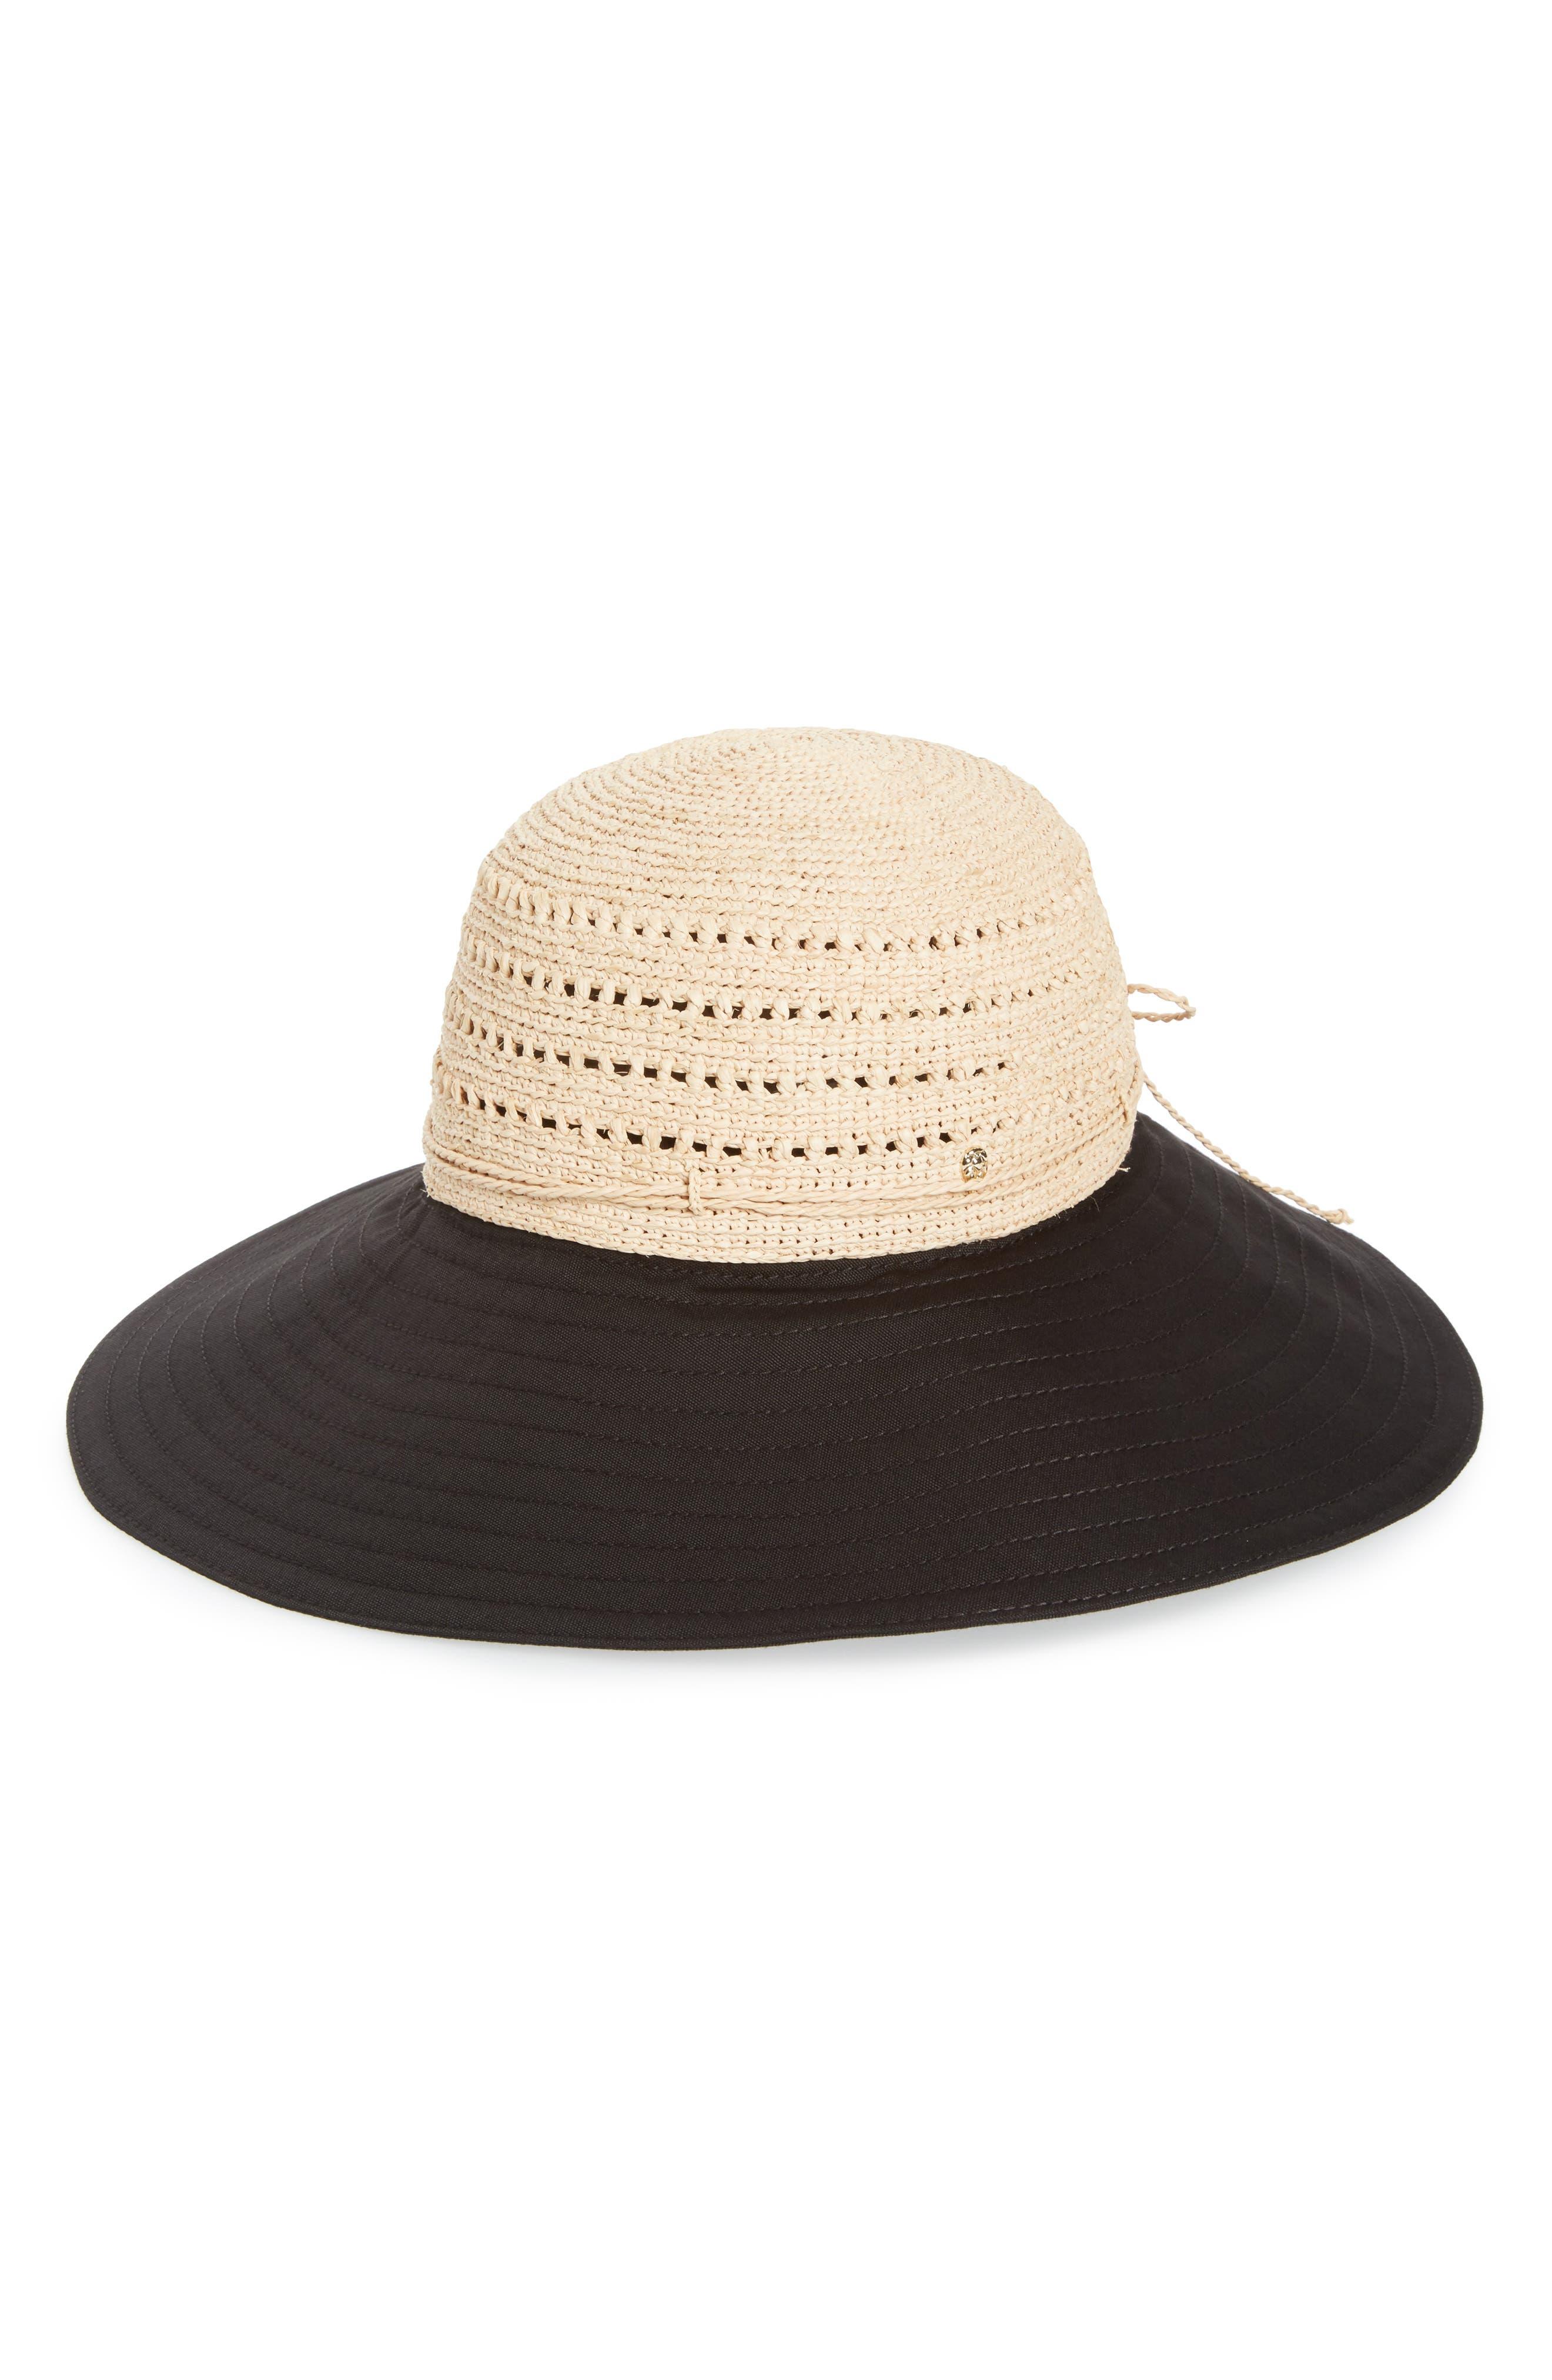 Helen Kaminski Raffia Sun Hat